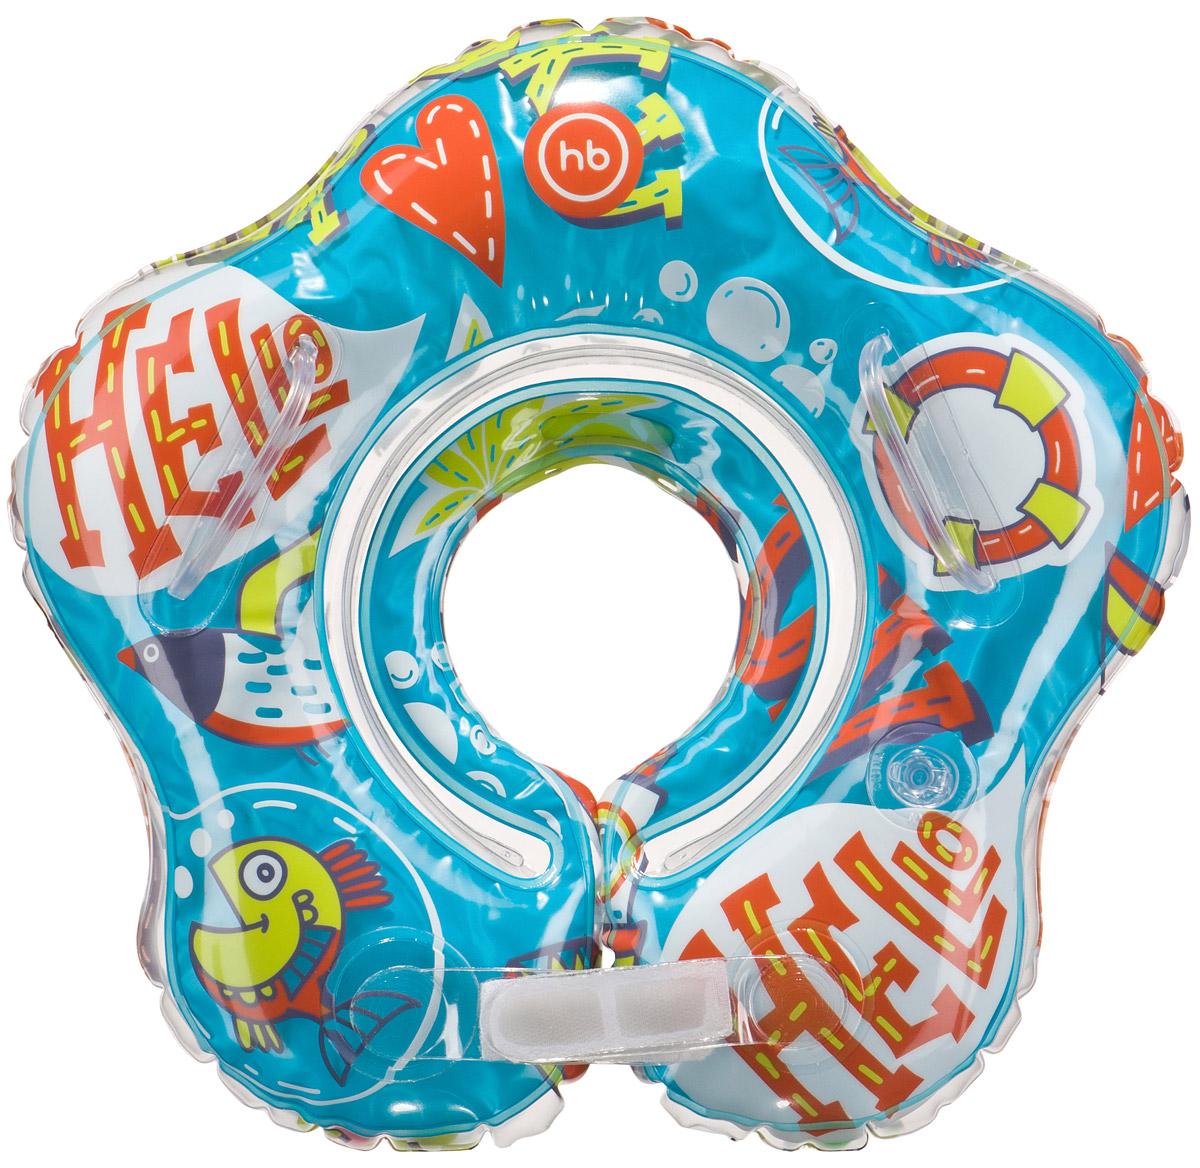 Happy Baby Детский надувной музыкальный круг на шею Dolfy от 3 месяцев круг надувной swimtrainer classic от 3 месяцев до 4 лет цвет красный 10110